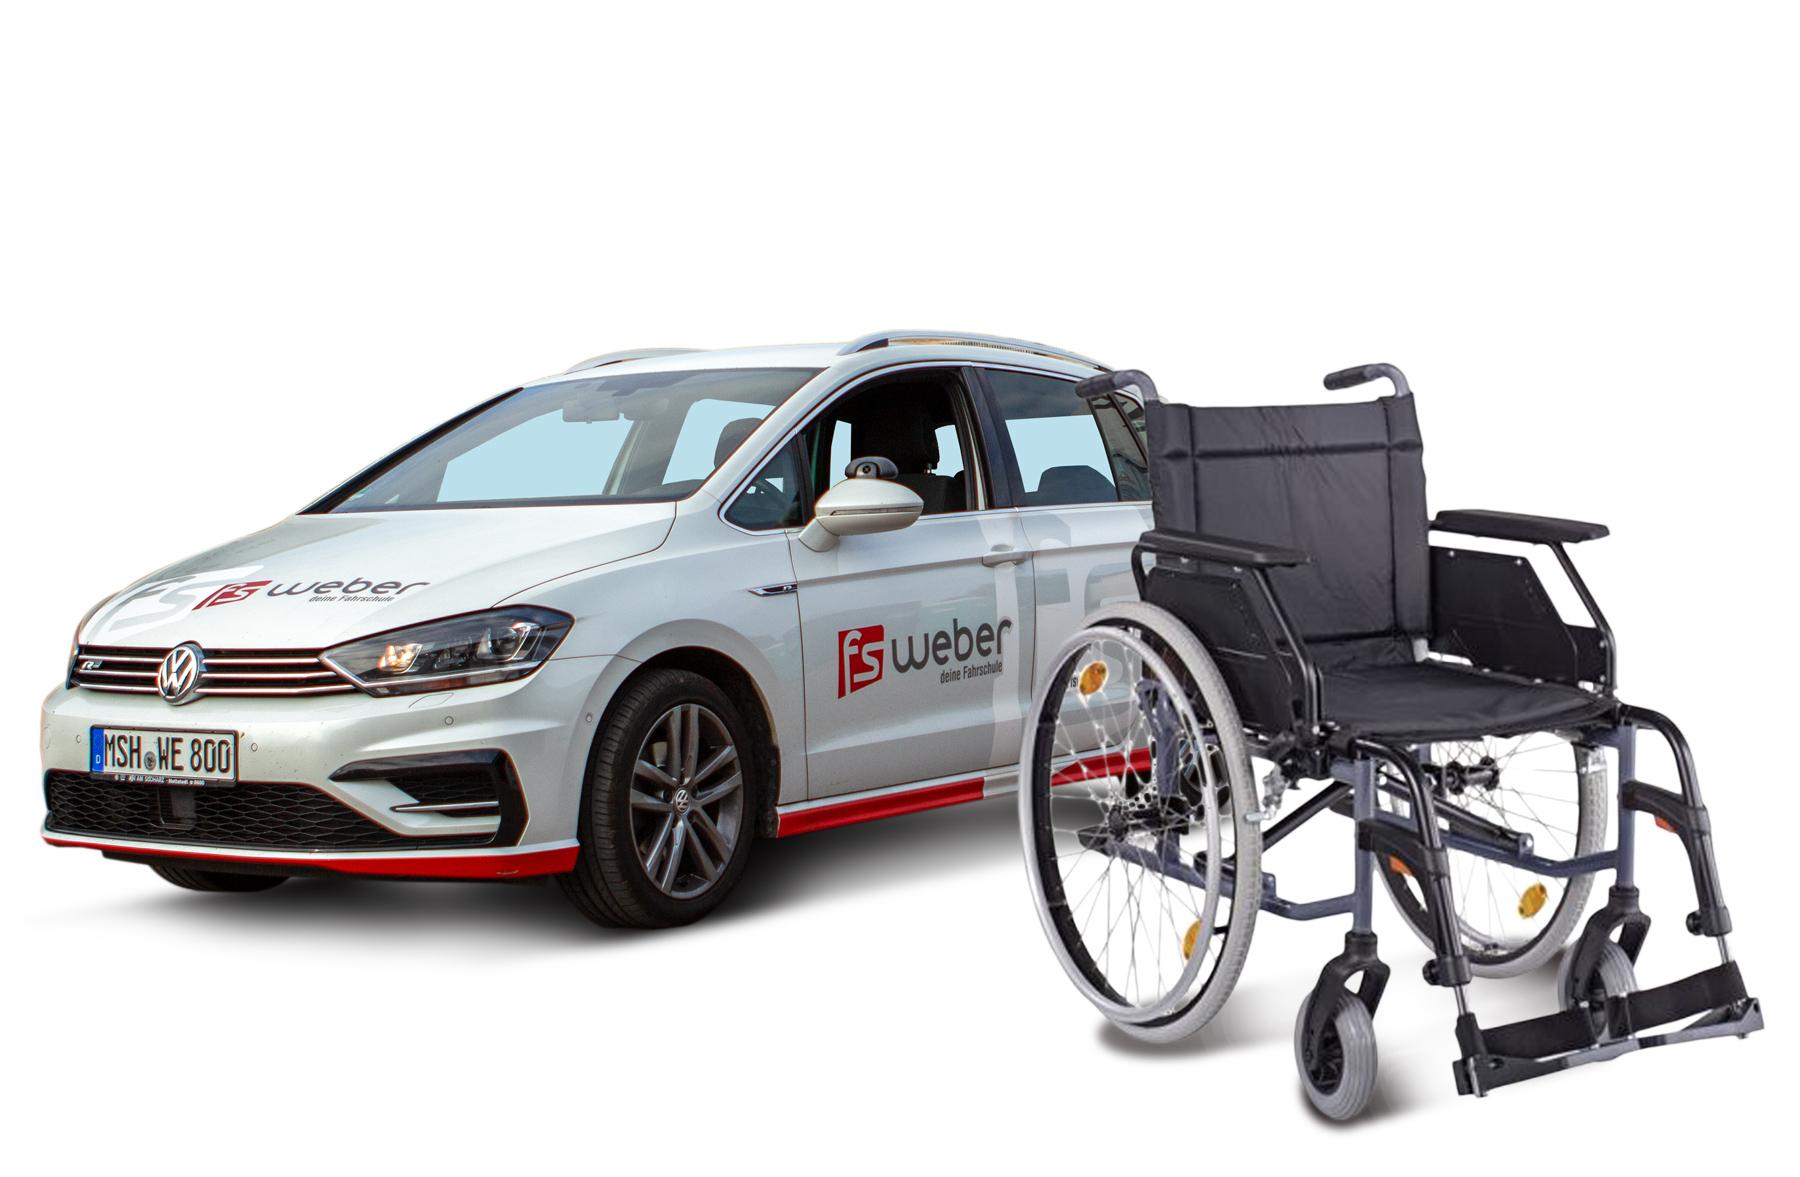 Automatik / Handicap